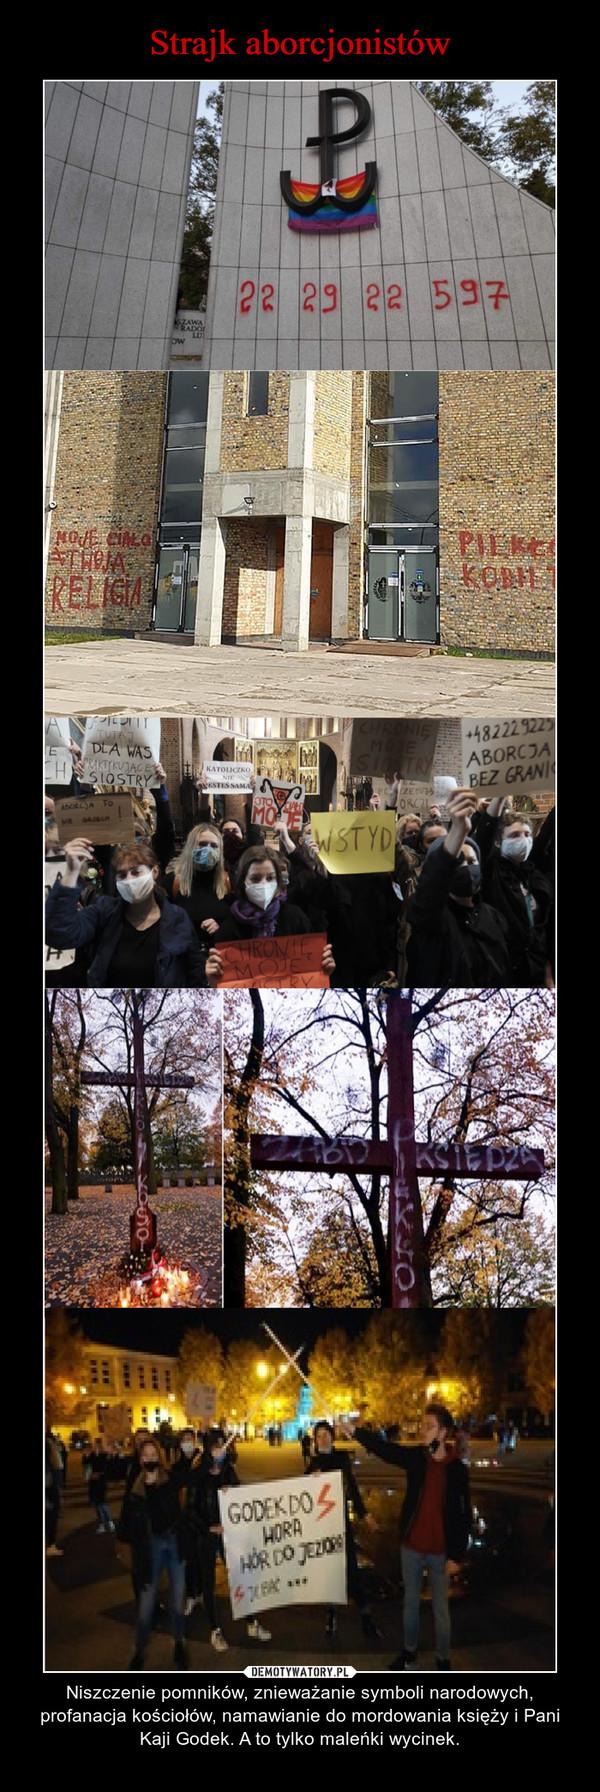 – Niszczenie pomników, znieważanie symboli narodowych, profanacja kościołów, namawianie do mordowania księży i Pani Kaji Godek. A to tylko maleńki wycinek.